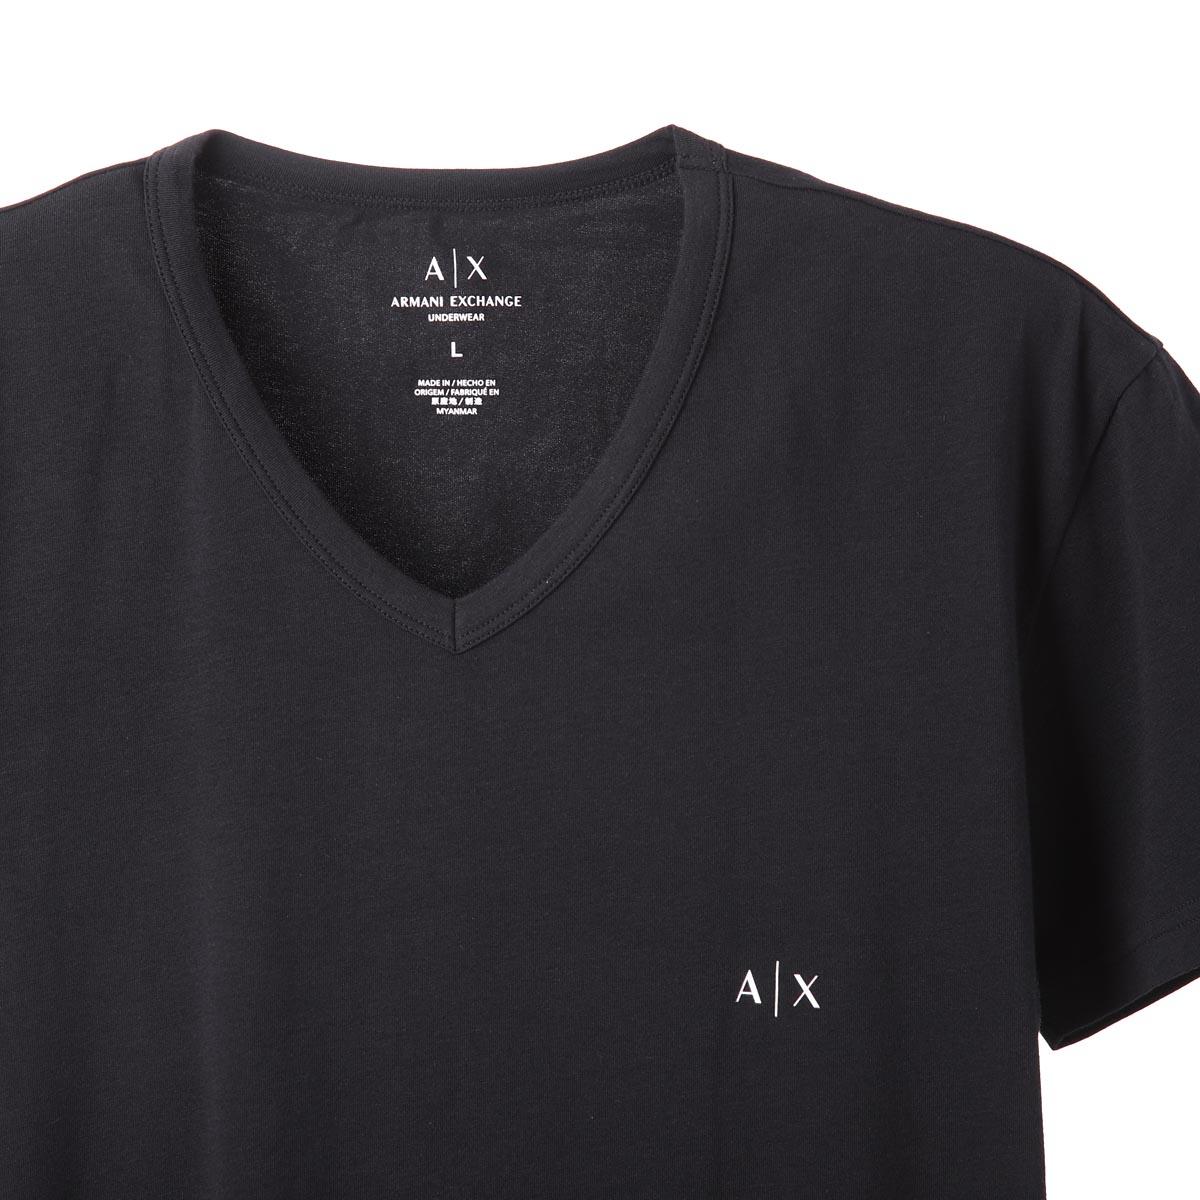 ARMANI EXCHANGE アルマーニエクスチェンジ Vネック アンダーTシャツ 2枚セット【返品交換不可】 メンズ